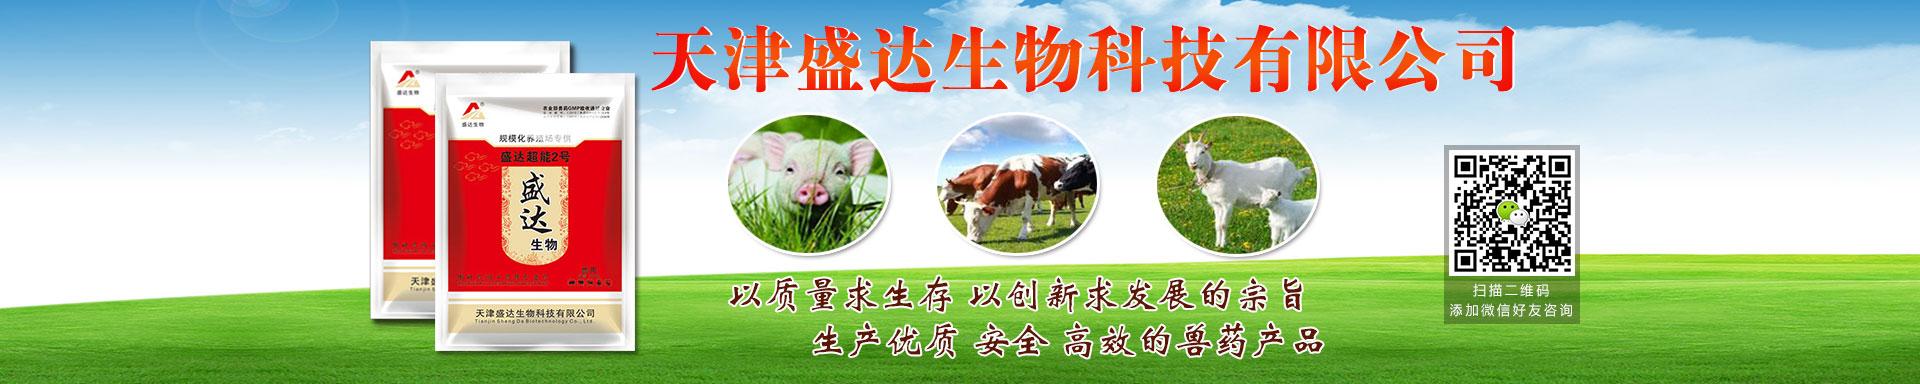 天津盛达生物科技有限公司